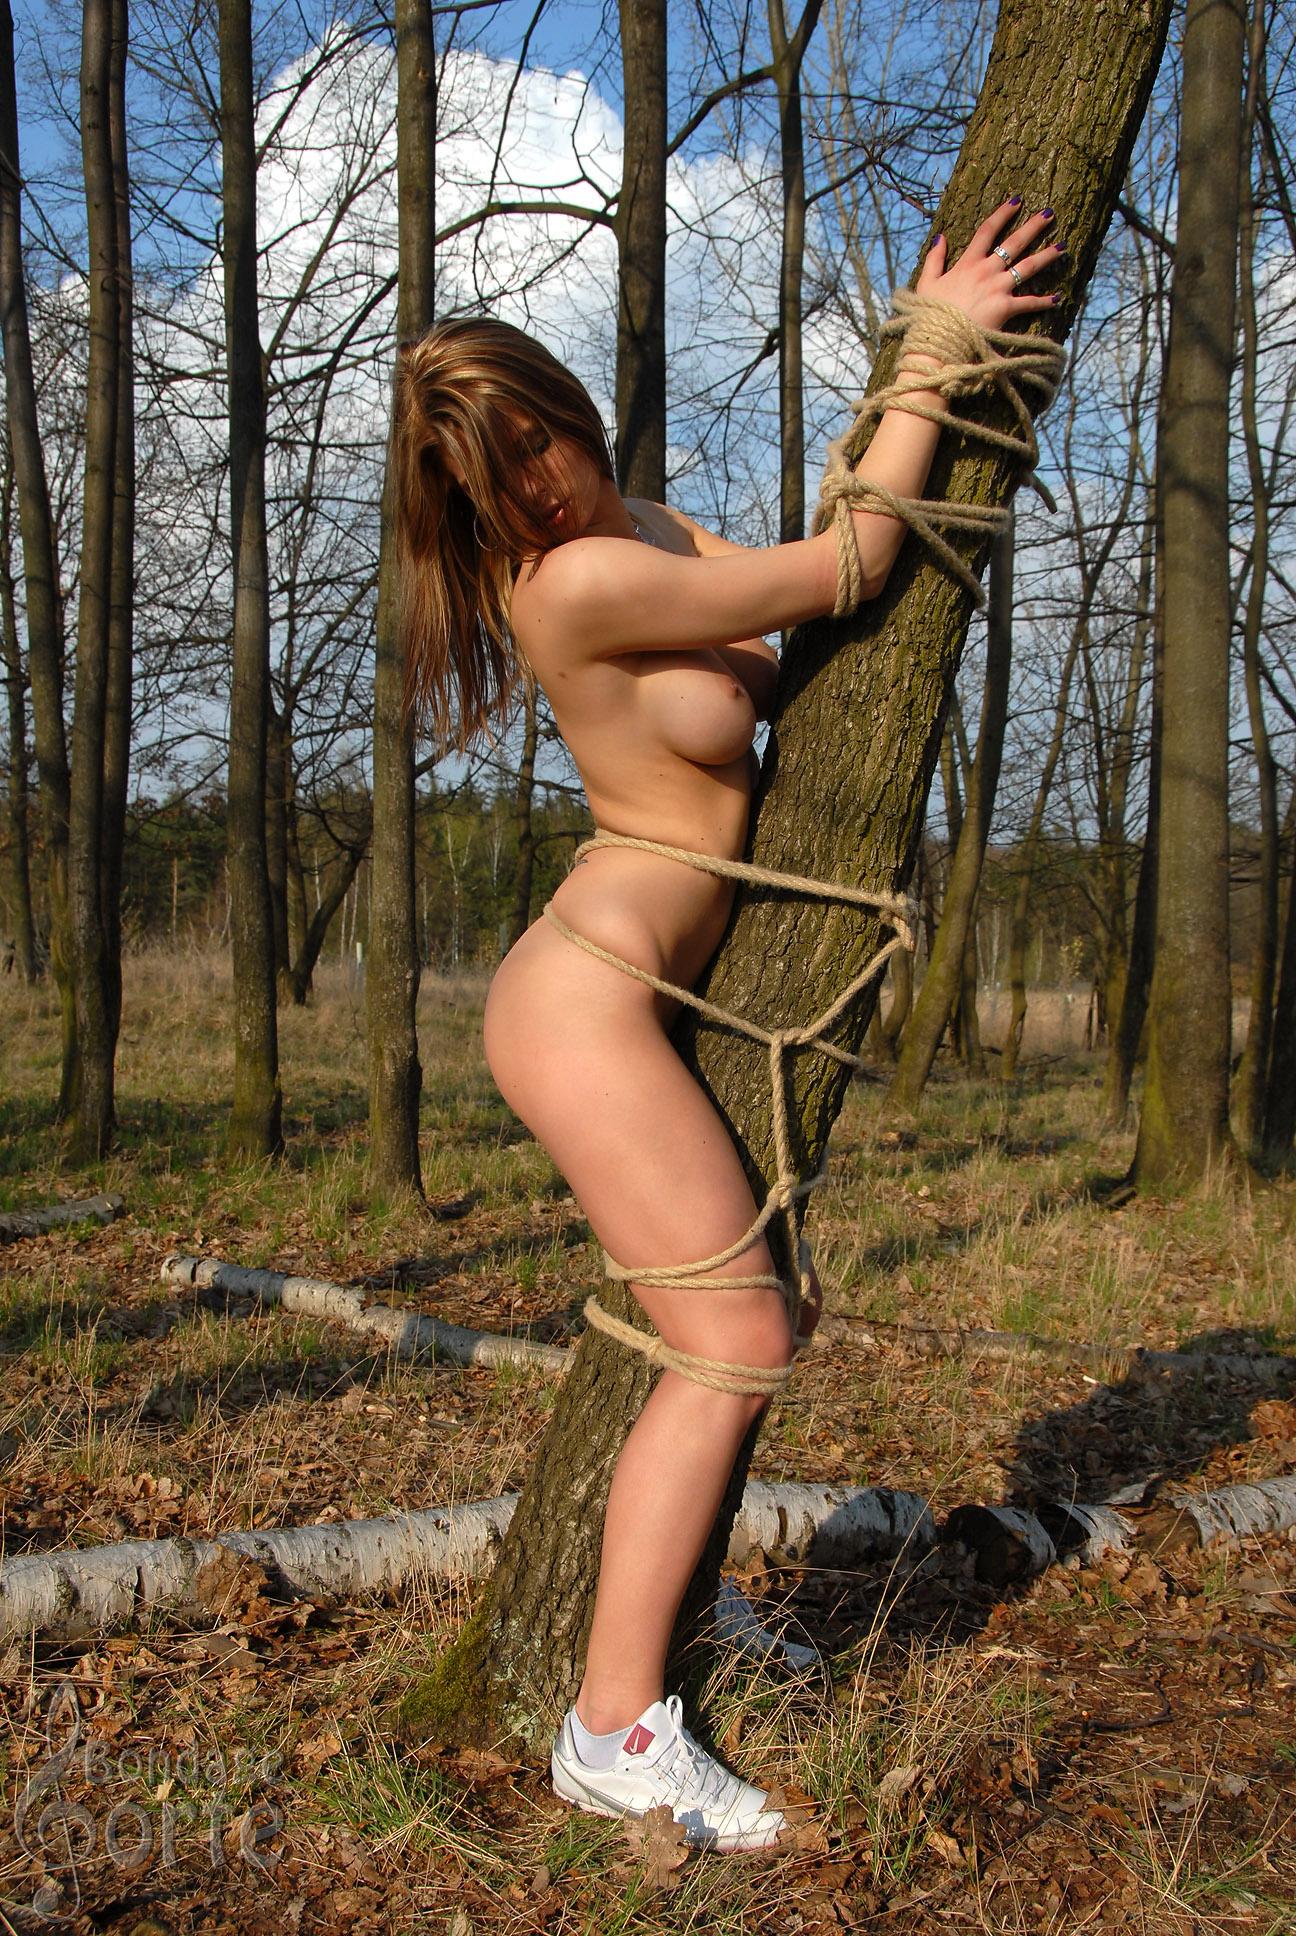 Привязанные к дереву порно фото 17 фотография